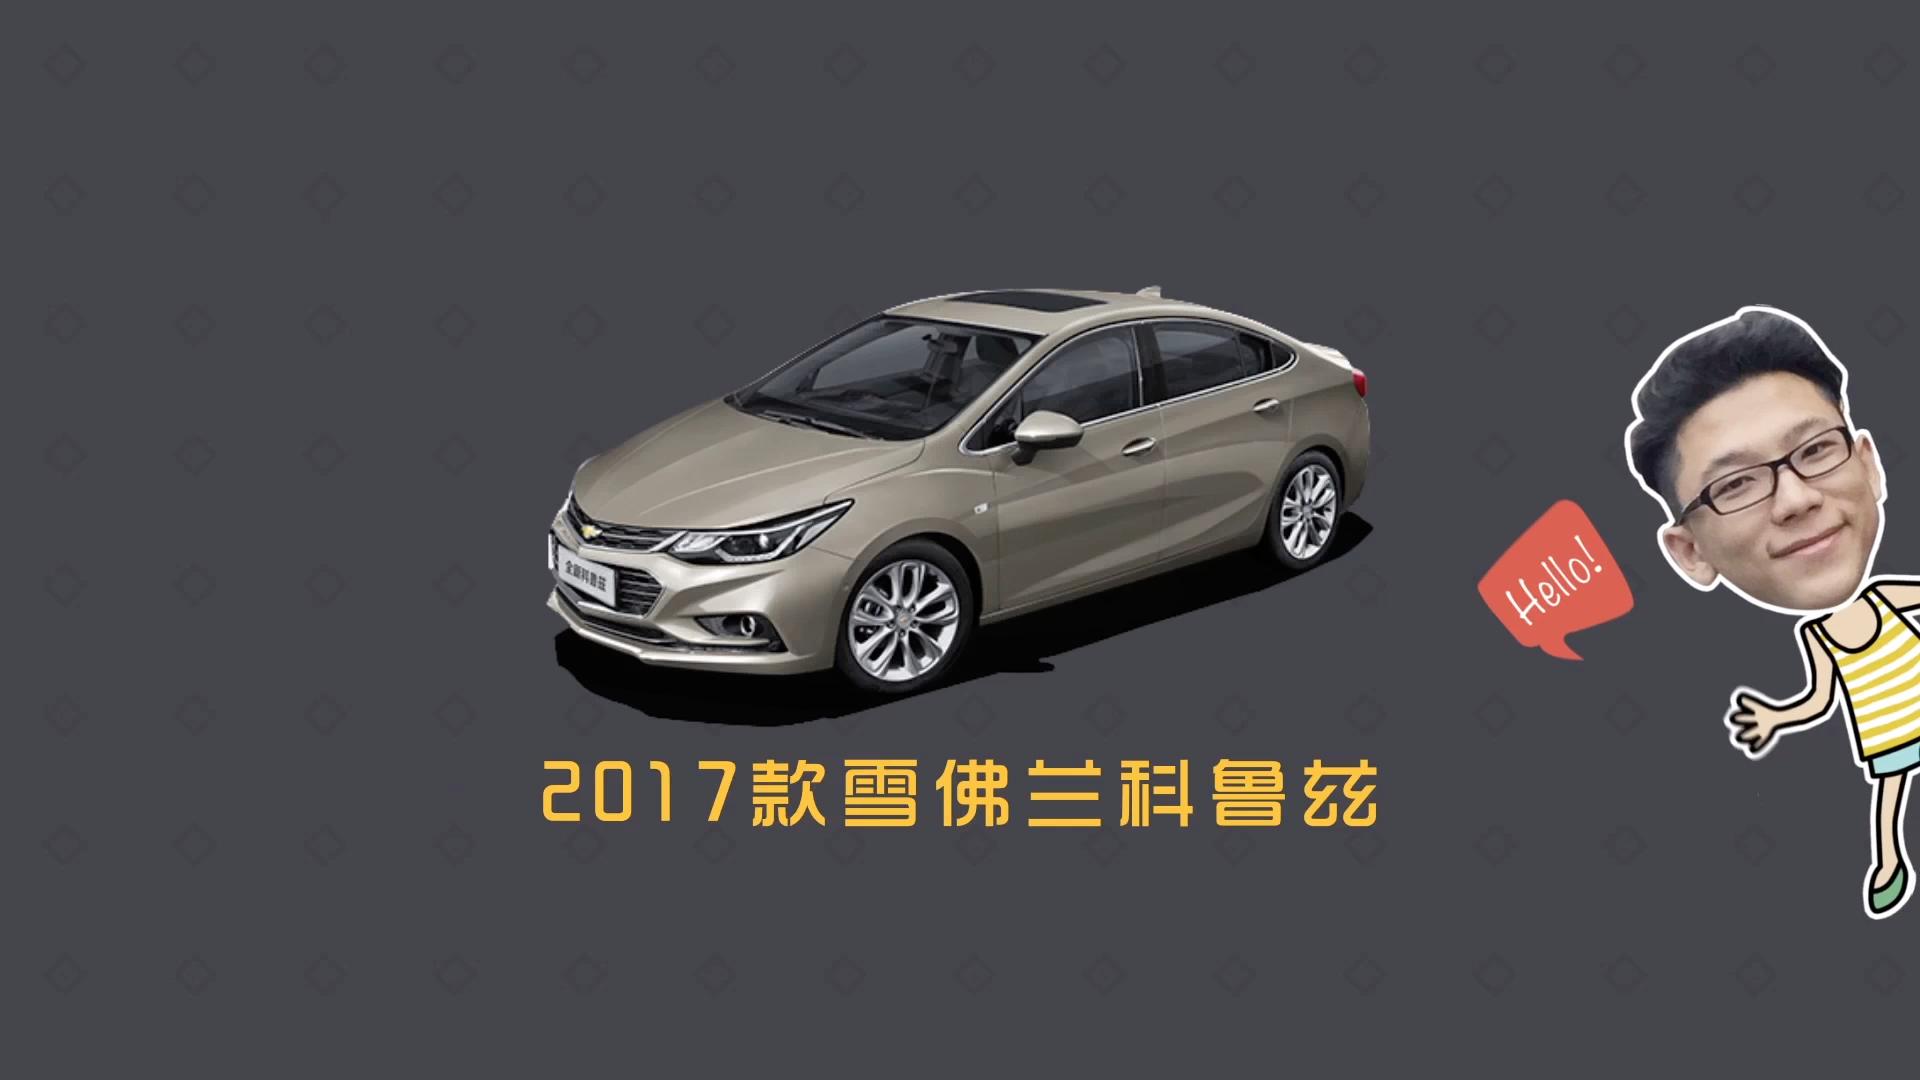 【爱极客购车300秒】2017款雪佛兰科鲁兹车型解析